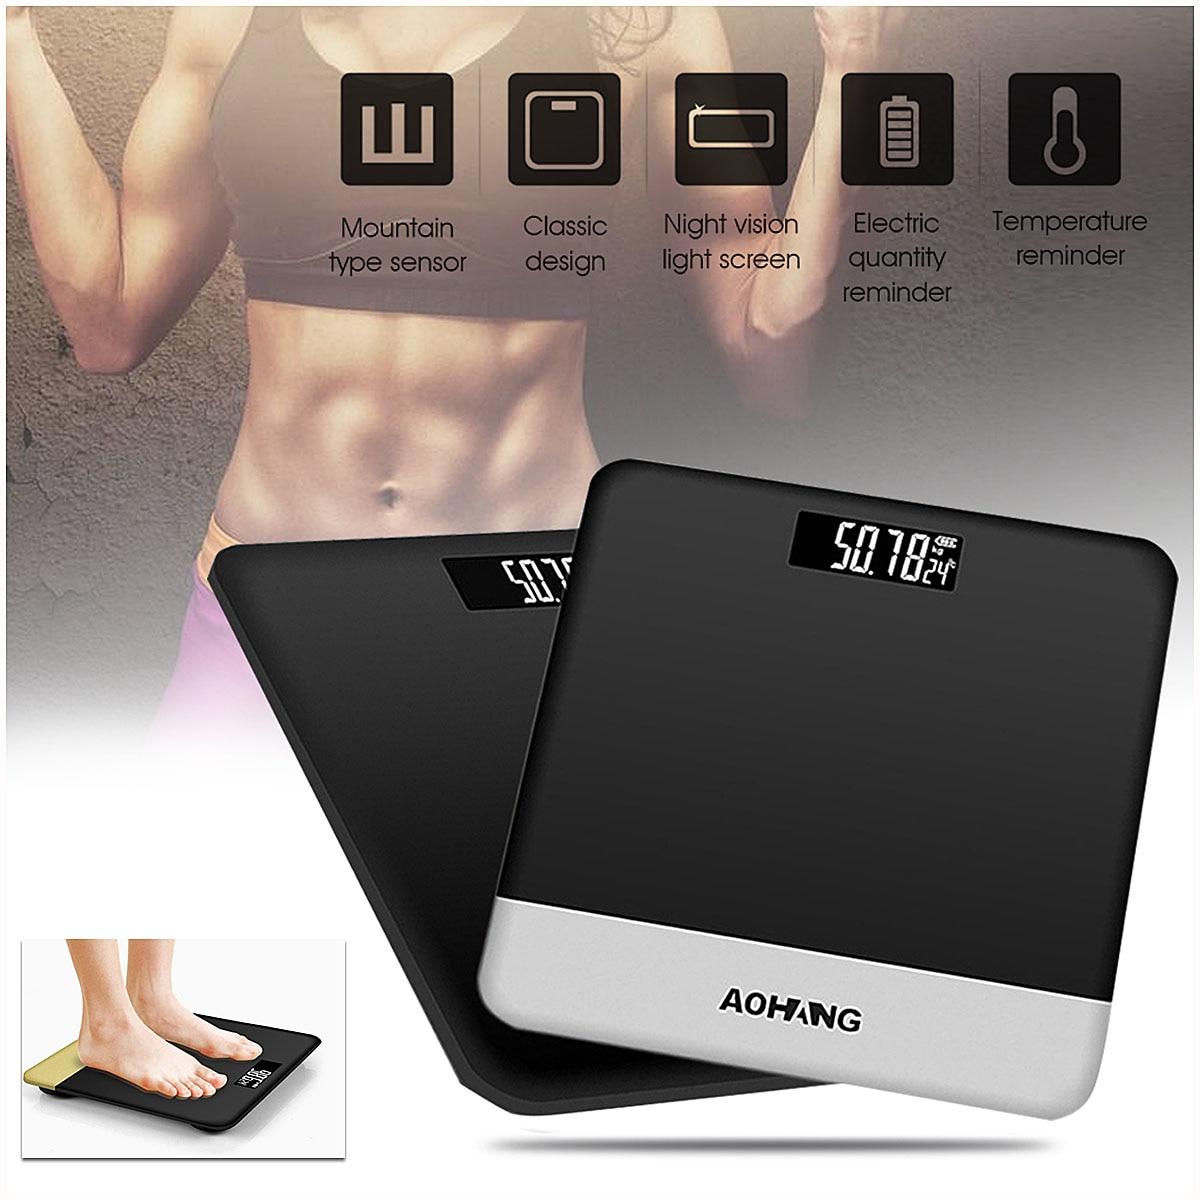 [해외]Holmark Electronic LCD Digitial Body Weight Scale Auto-power-off 6mm Tempered Glass Bathroom 190kg/400lb Grey /Black/Pink/Holmark Electronic LCD D